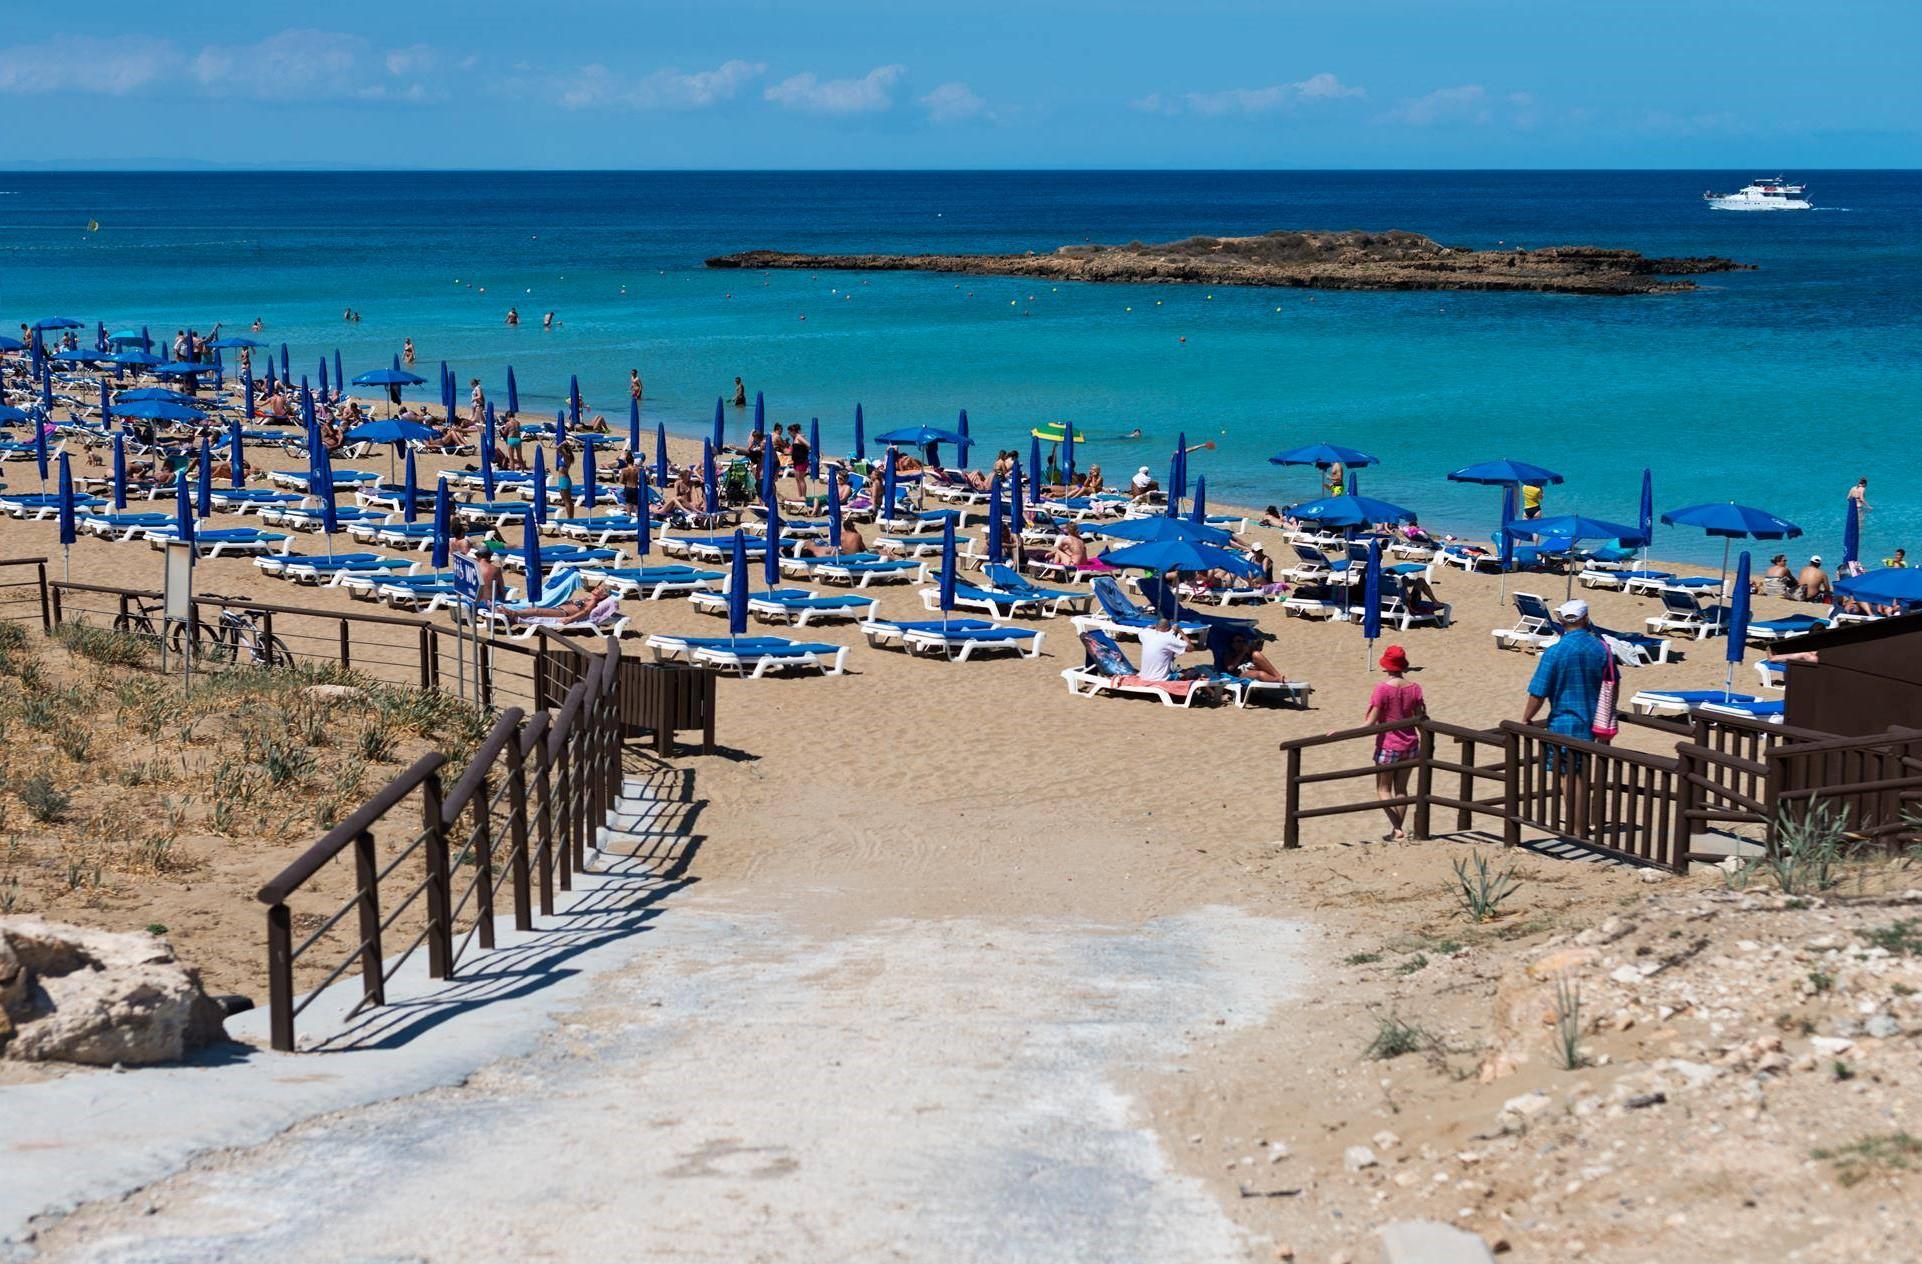 Цены пляжных услуг на Кипре